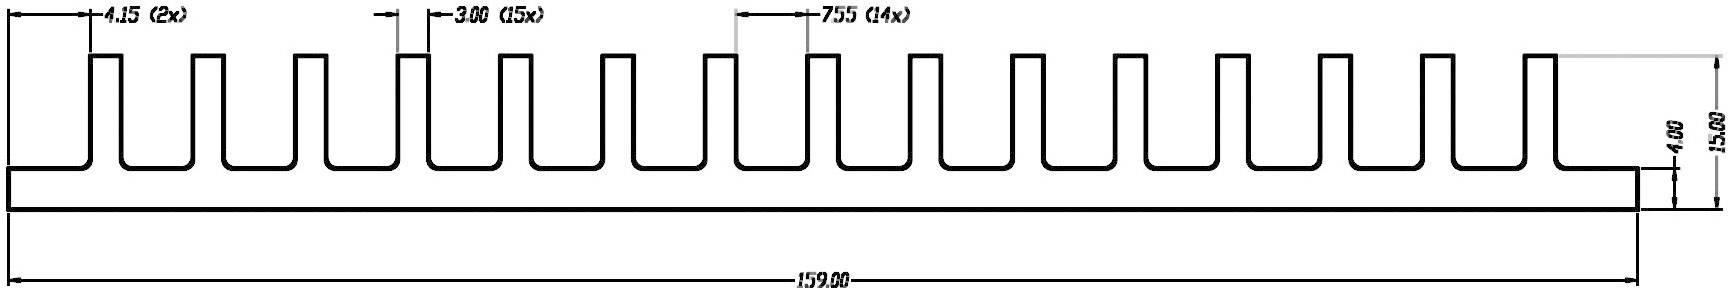 Profilový chladič CTX Thermal Solutions CTX44/200 CTX44/200, 1.4 K/W, (d x š x v) 200 x 159 x 15 mm